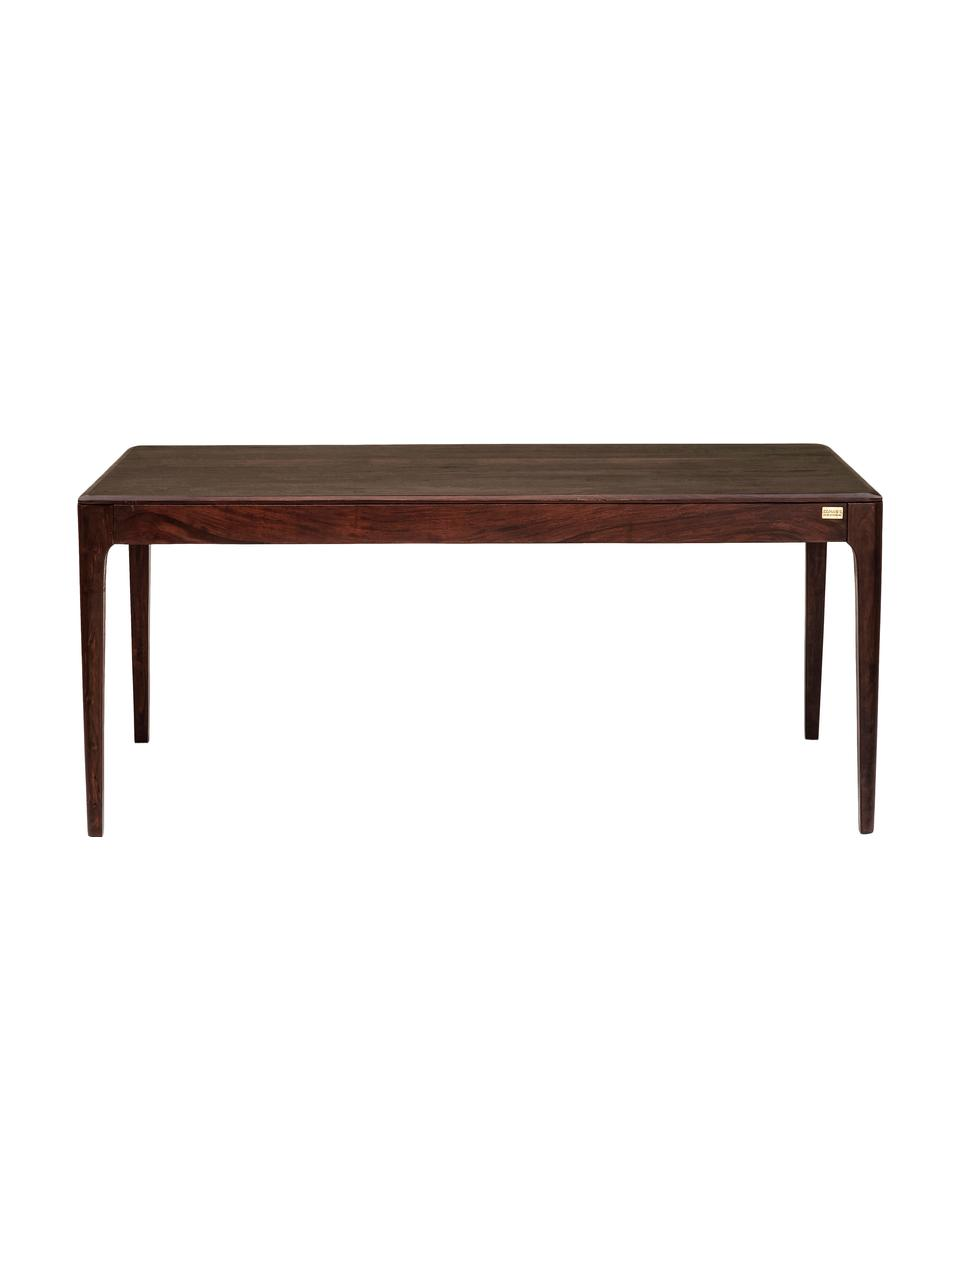 Stół do jadalni z litego drewna  Brooklyn, Drewno sheesham, o powierzchni wyrównanej bejcą, farbą na bazie wody w kolorze orzecha włoskiego, Drewno orzechowe, S 200 x G 100 cm